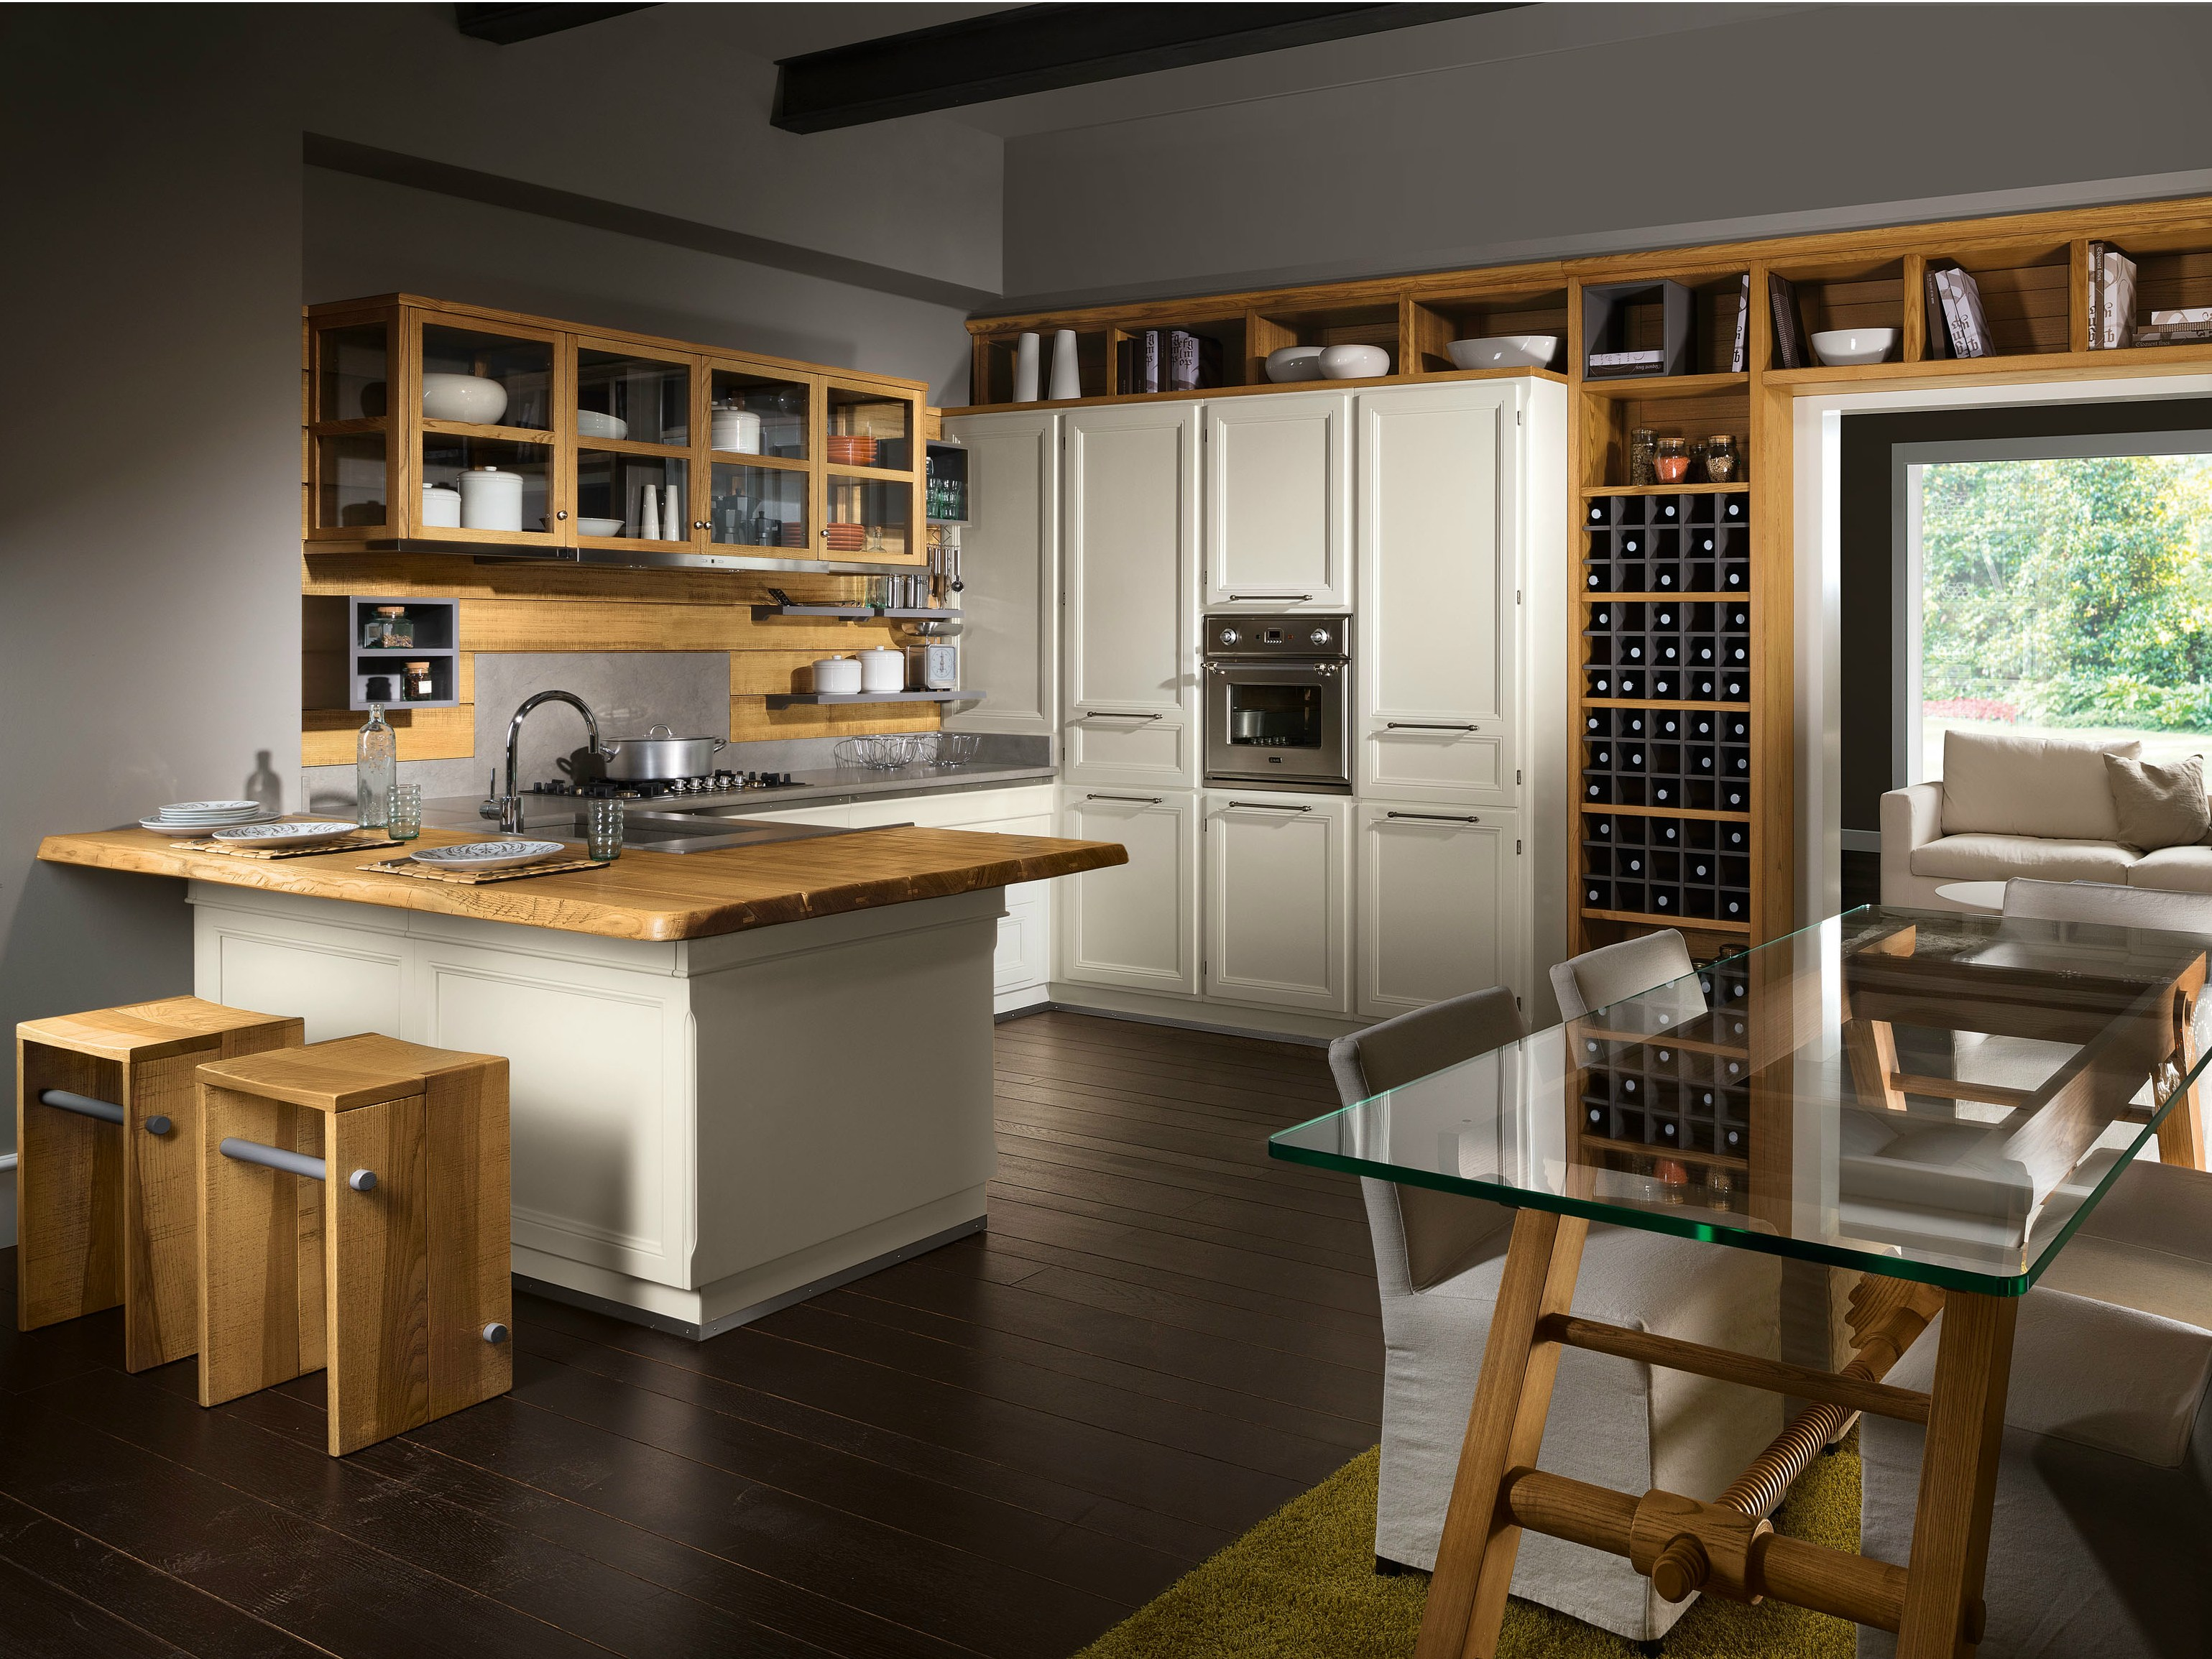 Cucina componibile con penisola living veranda by l 39 ottocento - L ottocento mobili ...